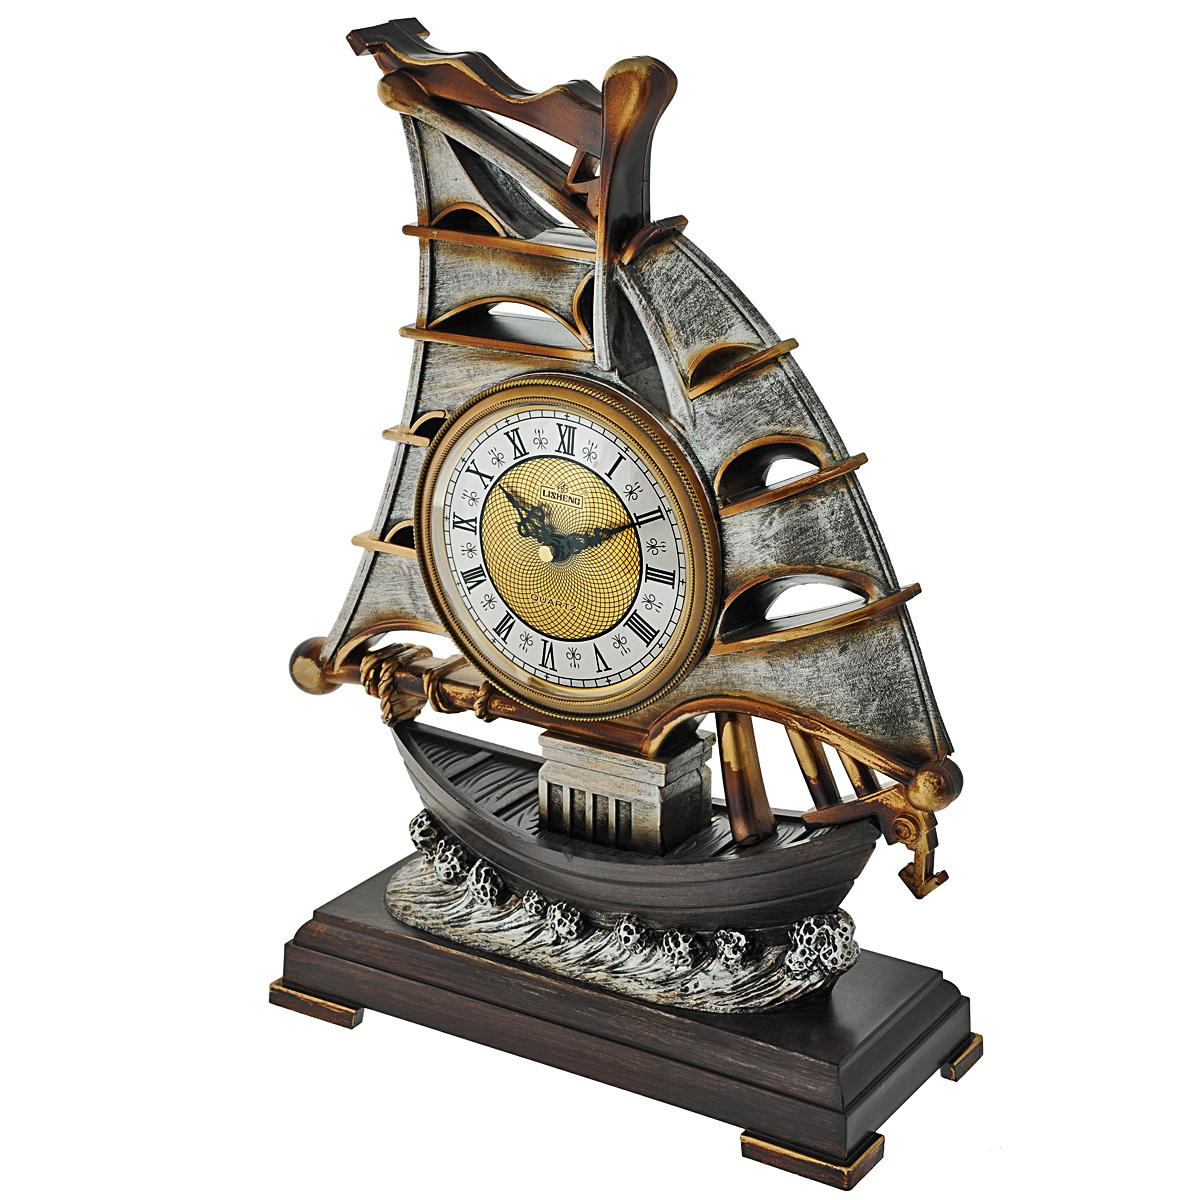 Часы настольные Lisheng Парусник. LI-983M-ALLI-983M-ALНастольные кварцевые часы Lisheng Парусник изготовлены из полистоуна бронзового цвета. Изделие выполнено в виде парусника. Циферблат круглой формы оформлен римскими цифрами и защищен пластиком. Часы имеют две стрелки - часовую и минутную. Настольные часы оригинального дизайна прекрасно оформят интерьер дома или рабочий стол в офисе. Размер часов: 32 см х 11,5 см х 41 см. Диаметр циферблата: 12 см.